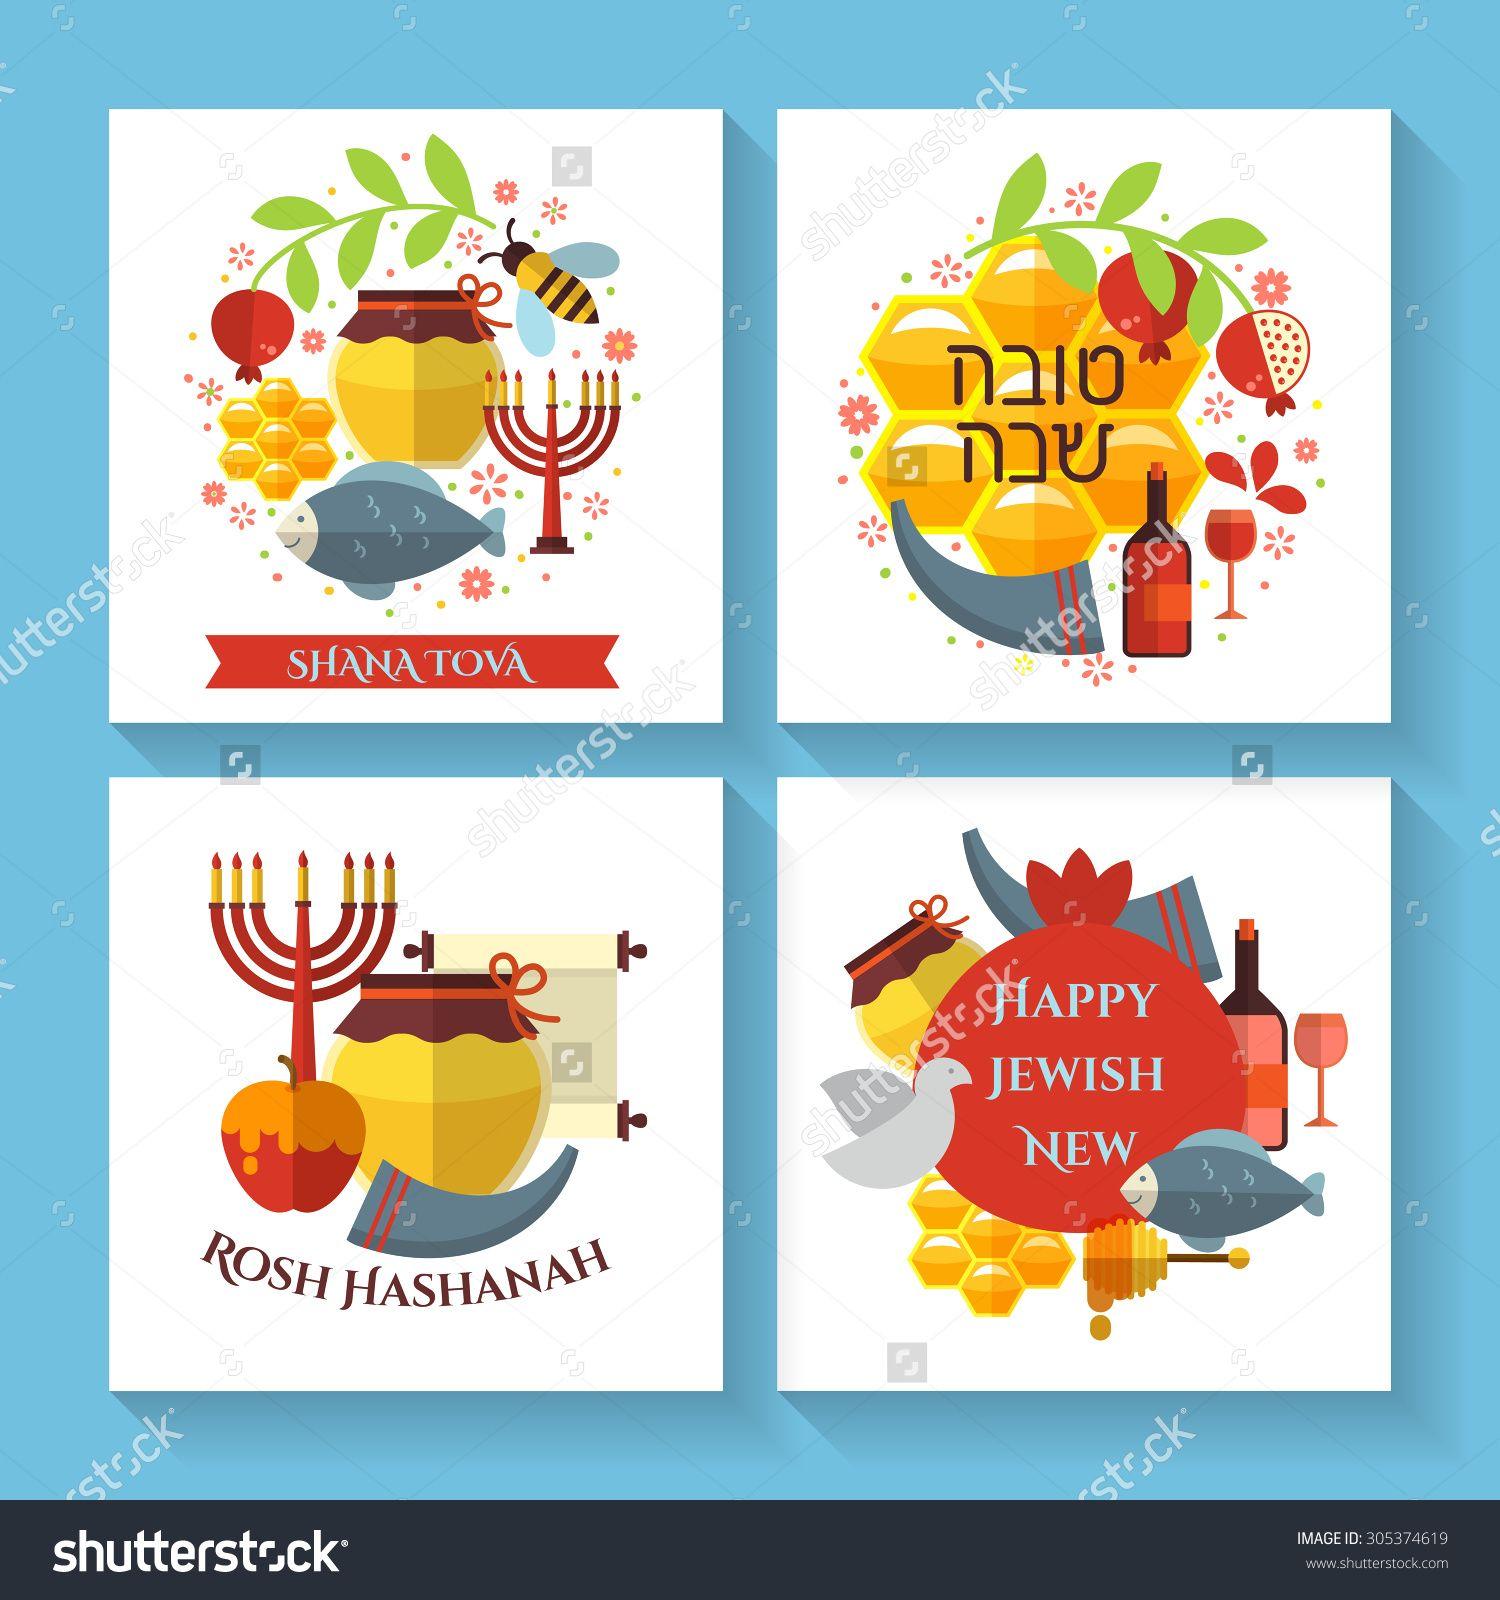 Rosh Hashanah Wall Decorations Google Search Rosh Hashanah